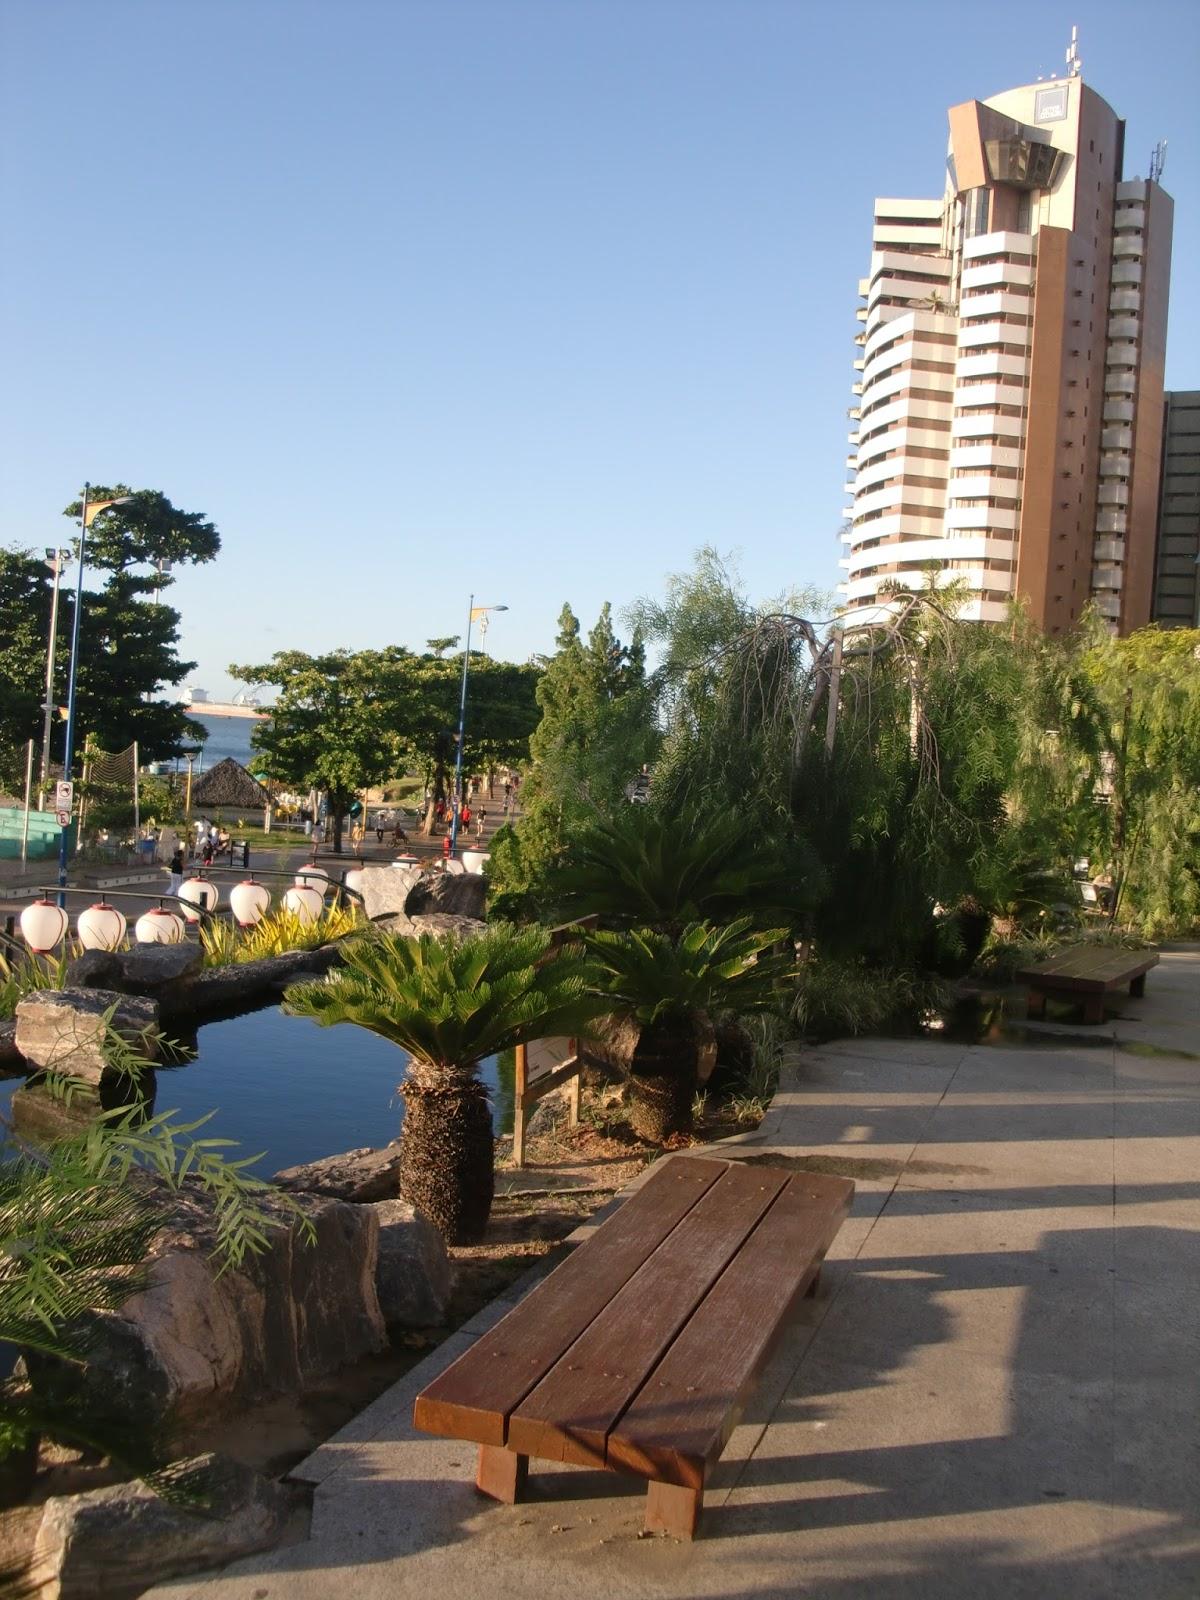 Italia brasile sola andata i curiosi giardini giapponesi for Giardini giapponesi milano